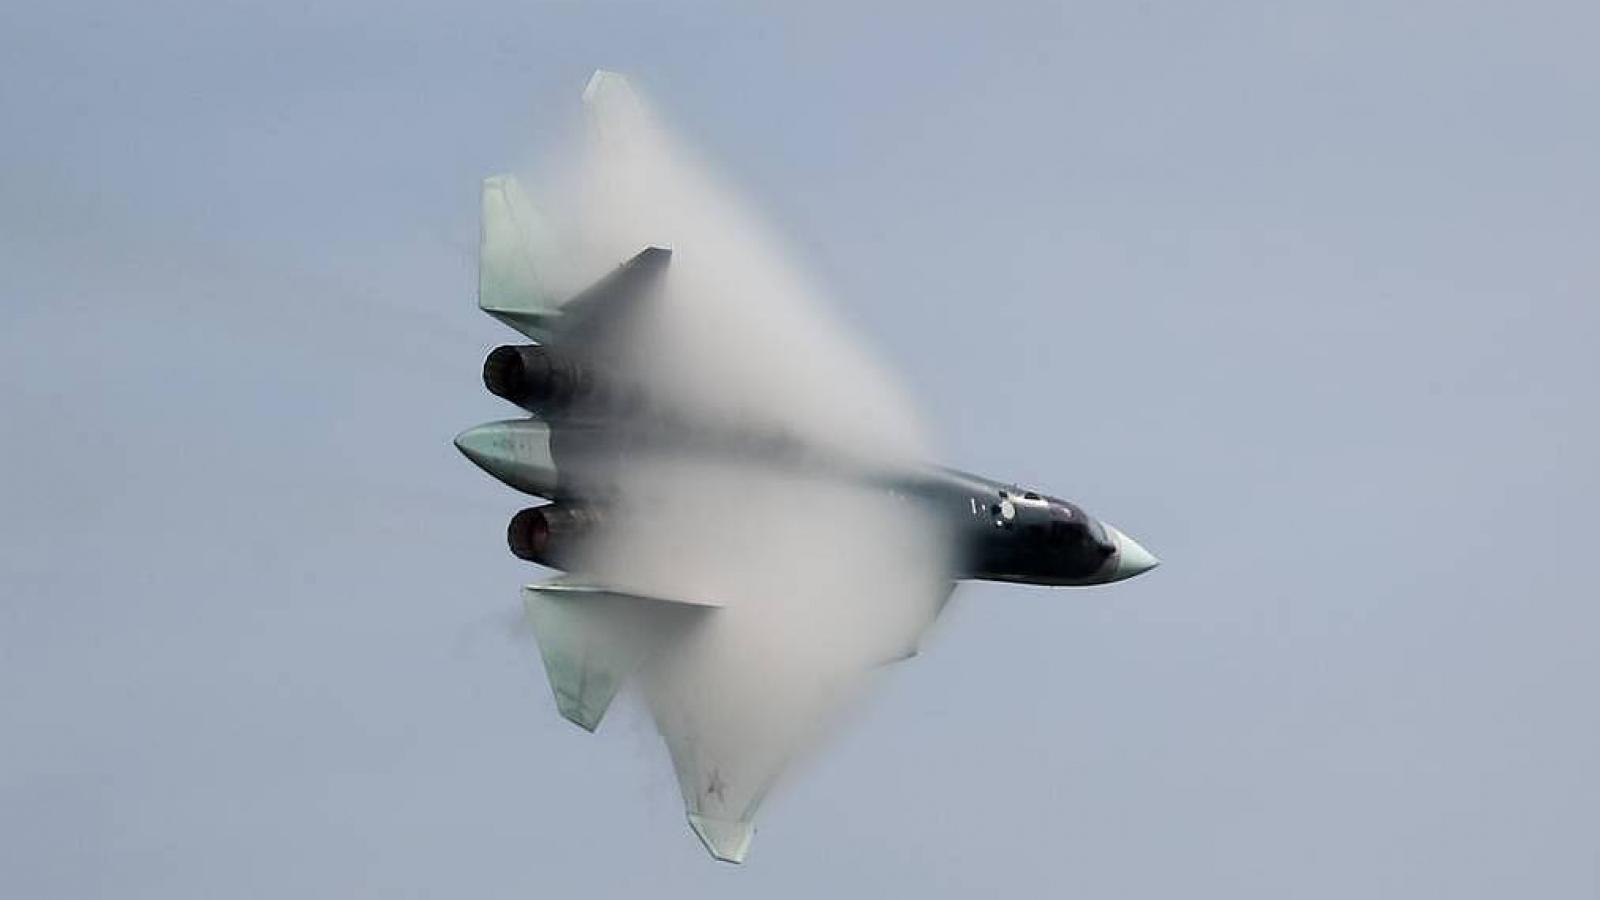 Cận cảnh tiêm kích tàng hình Su-57 sản xuất loạt đầu quân đội Nga vừa nhận